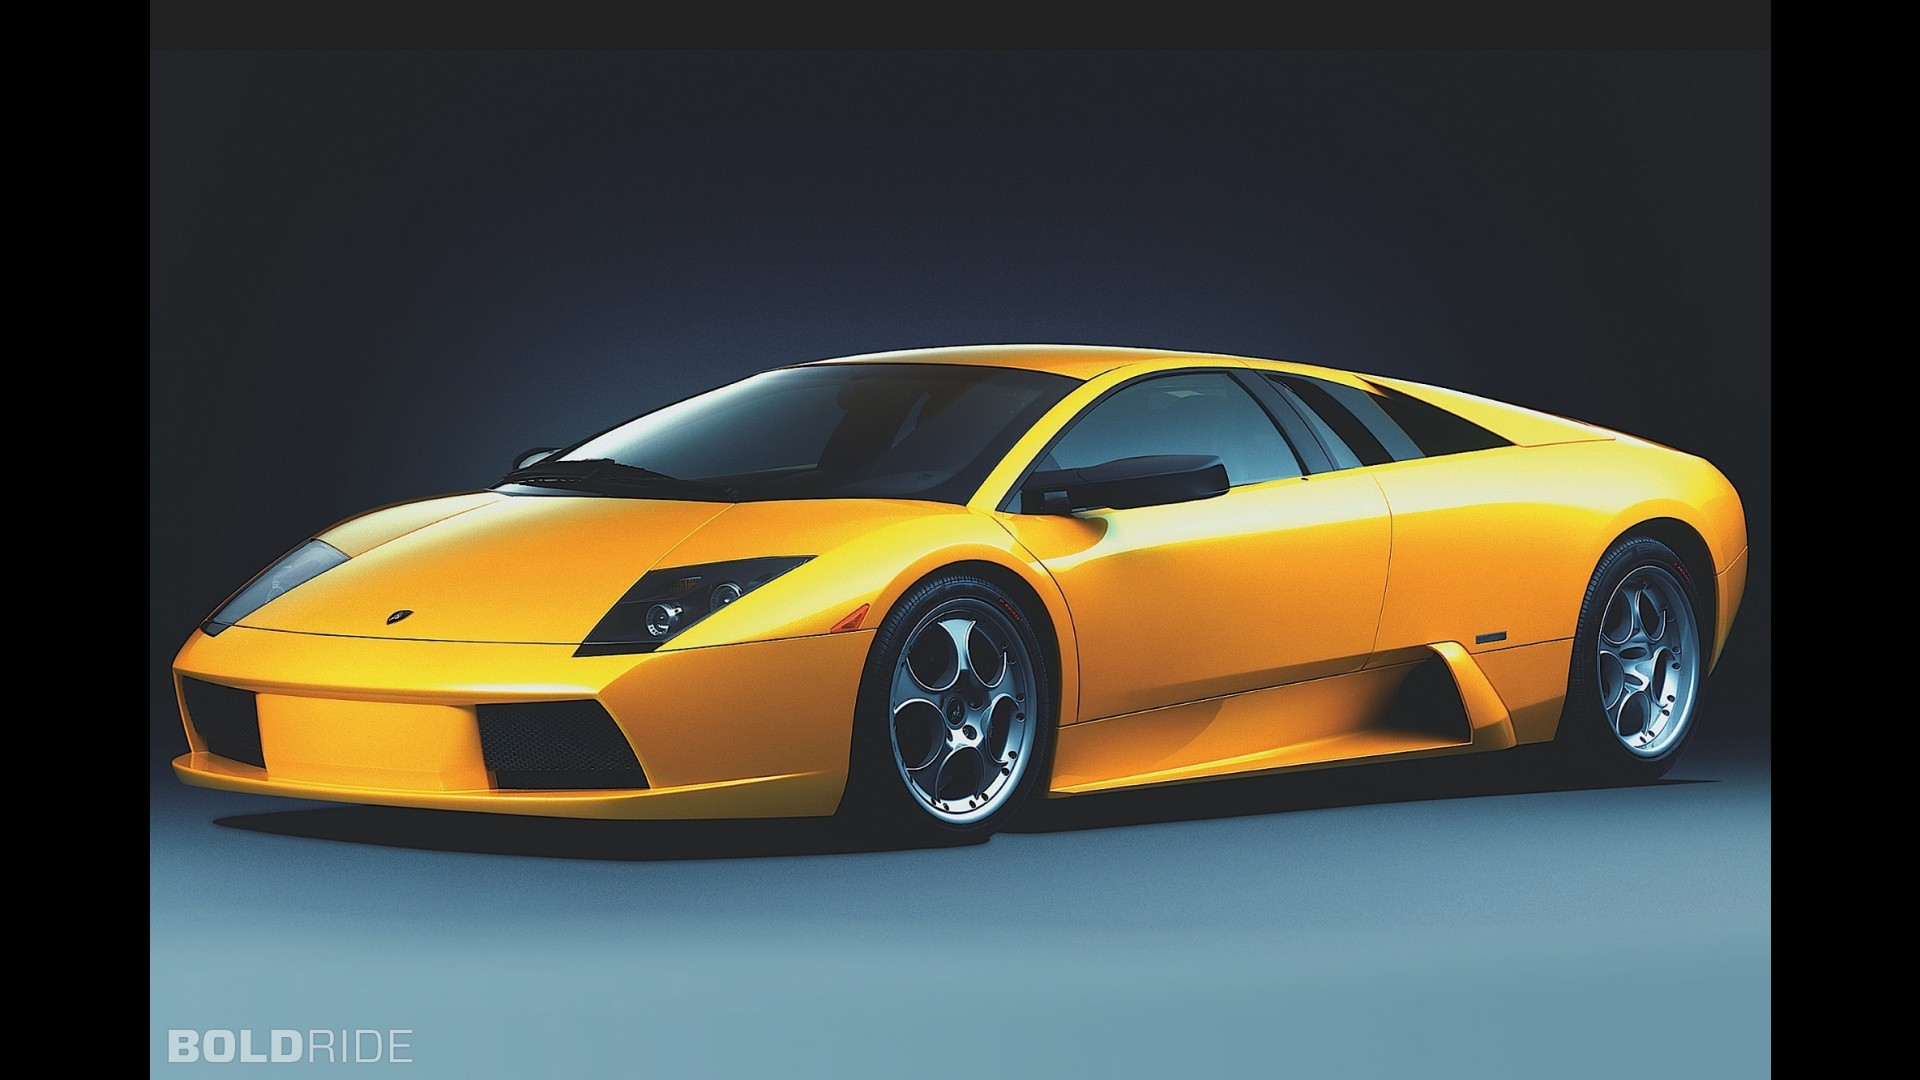 Profile also Lamborghini Murcielago Lp640 additionally 4439605 furthermore Lamborghini Murcielago together with Lamborghini Murcielago Roadster Price. on lamborghini murcielago engine layout